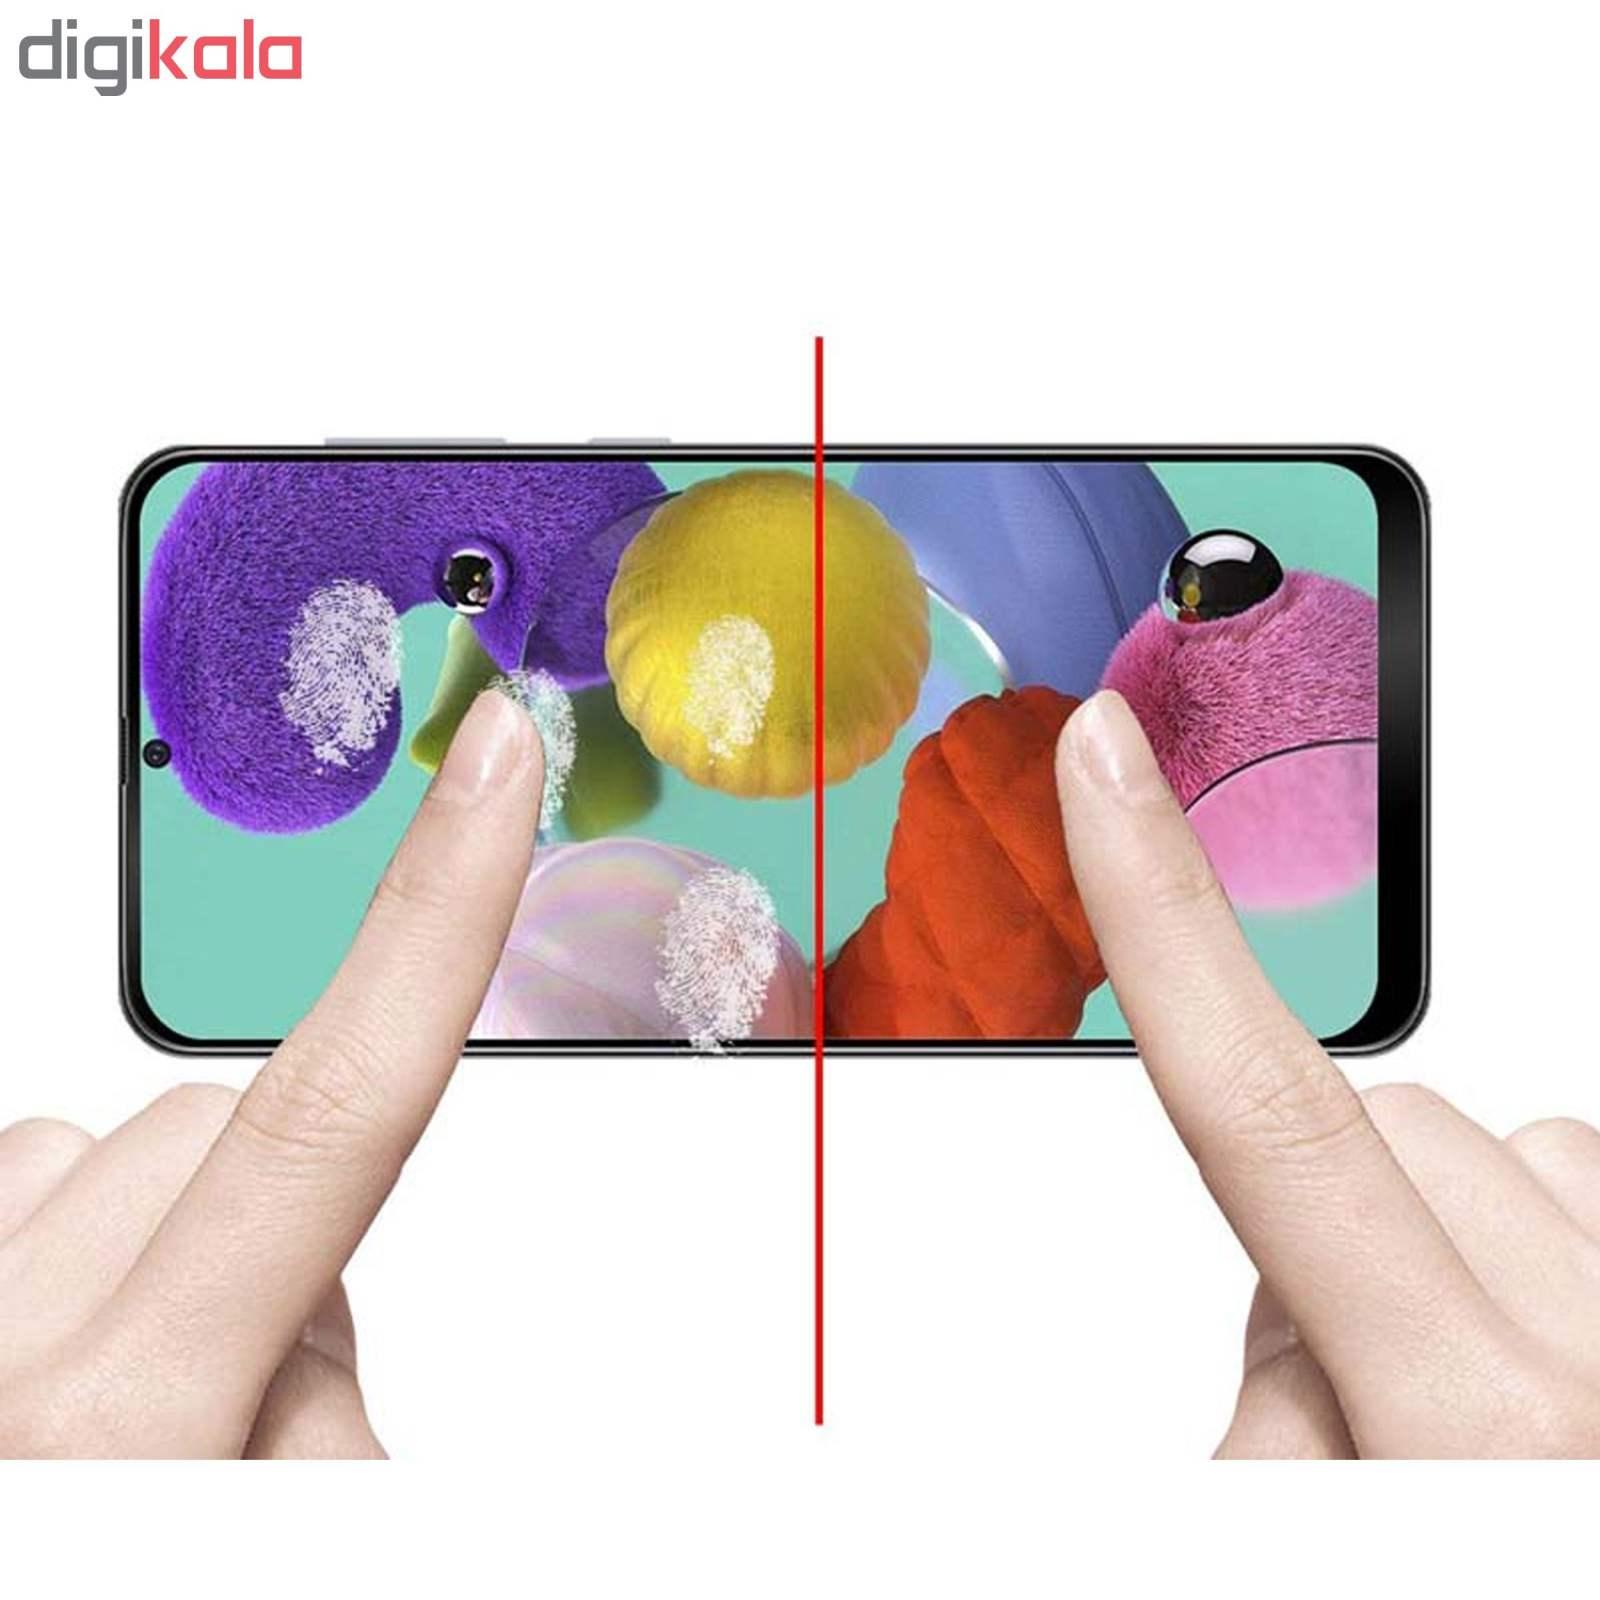 محافظ صفحه نمایش اسپایدر مدل FUS-022 مناسب برای گوشی موبایل سامسونگ Galaxy A51 main 1 2